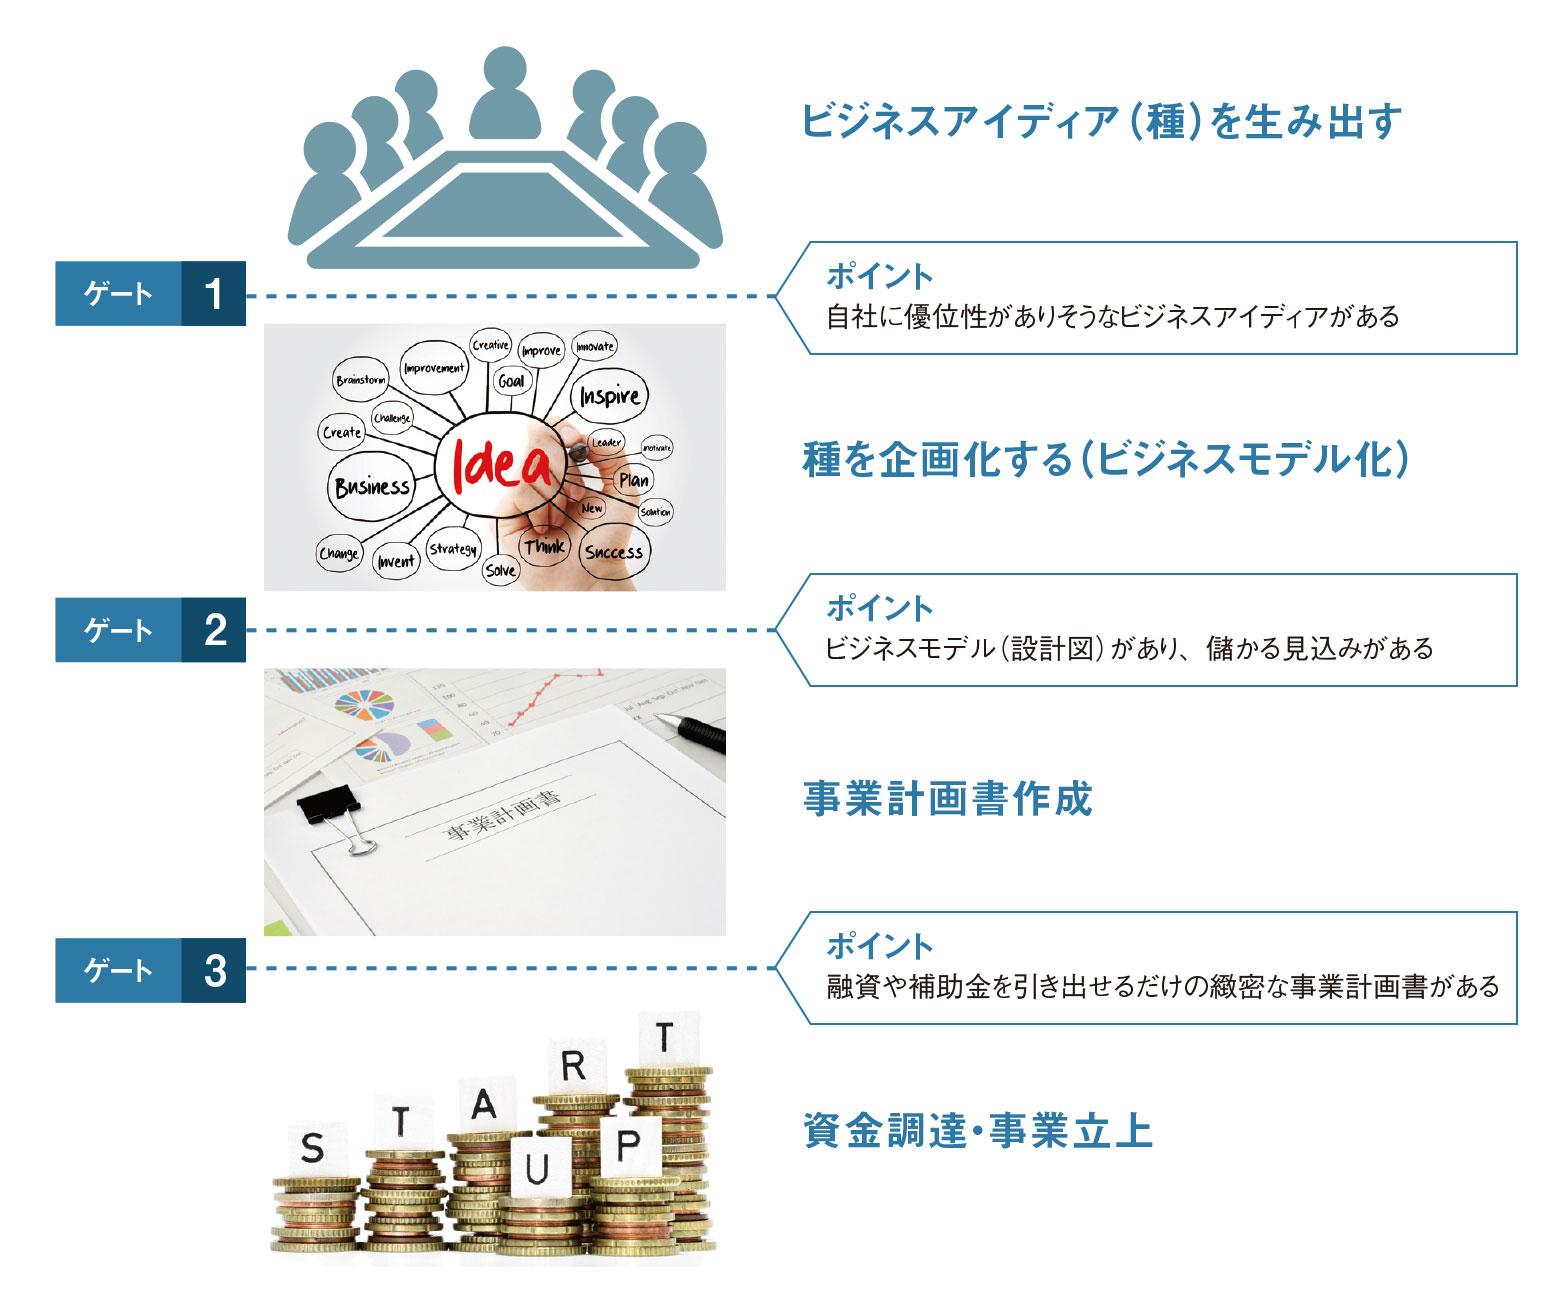 新規事業創出までの3つのゲート